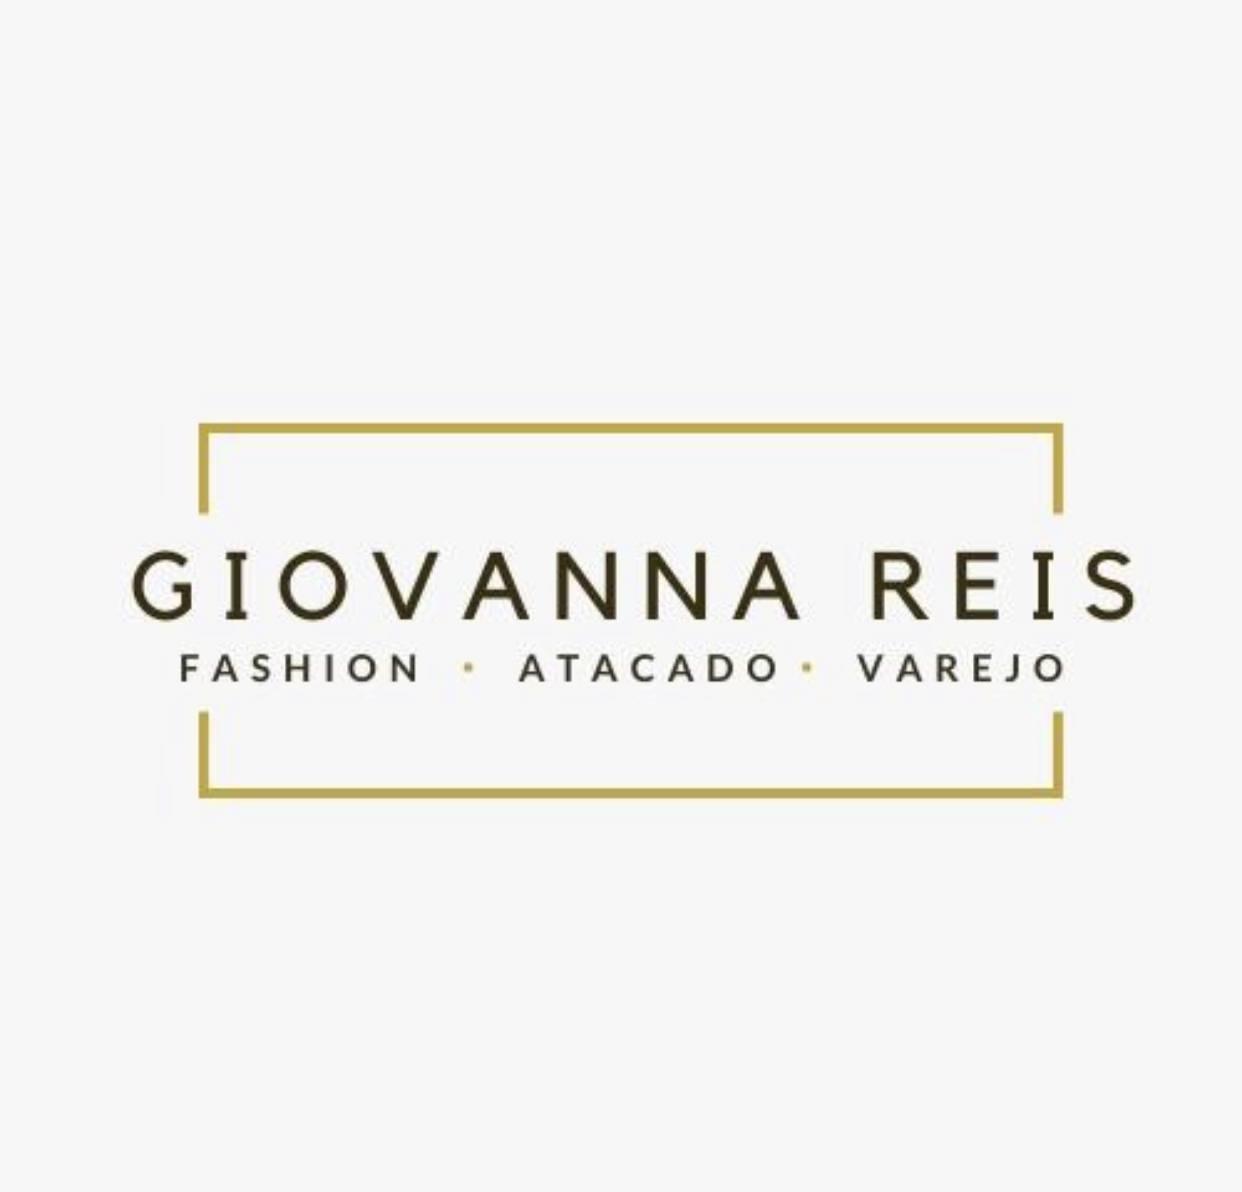 Giovanna Reis Fashion